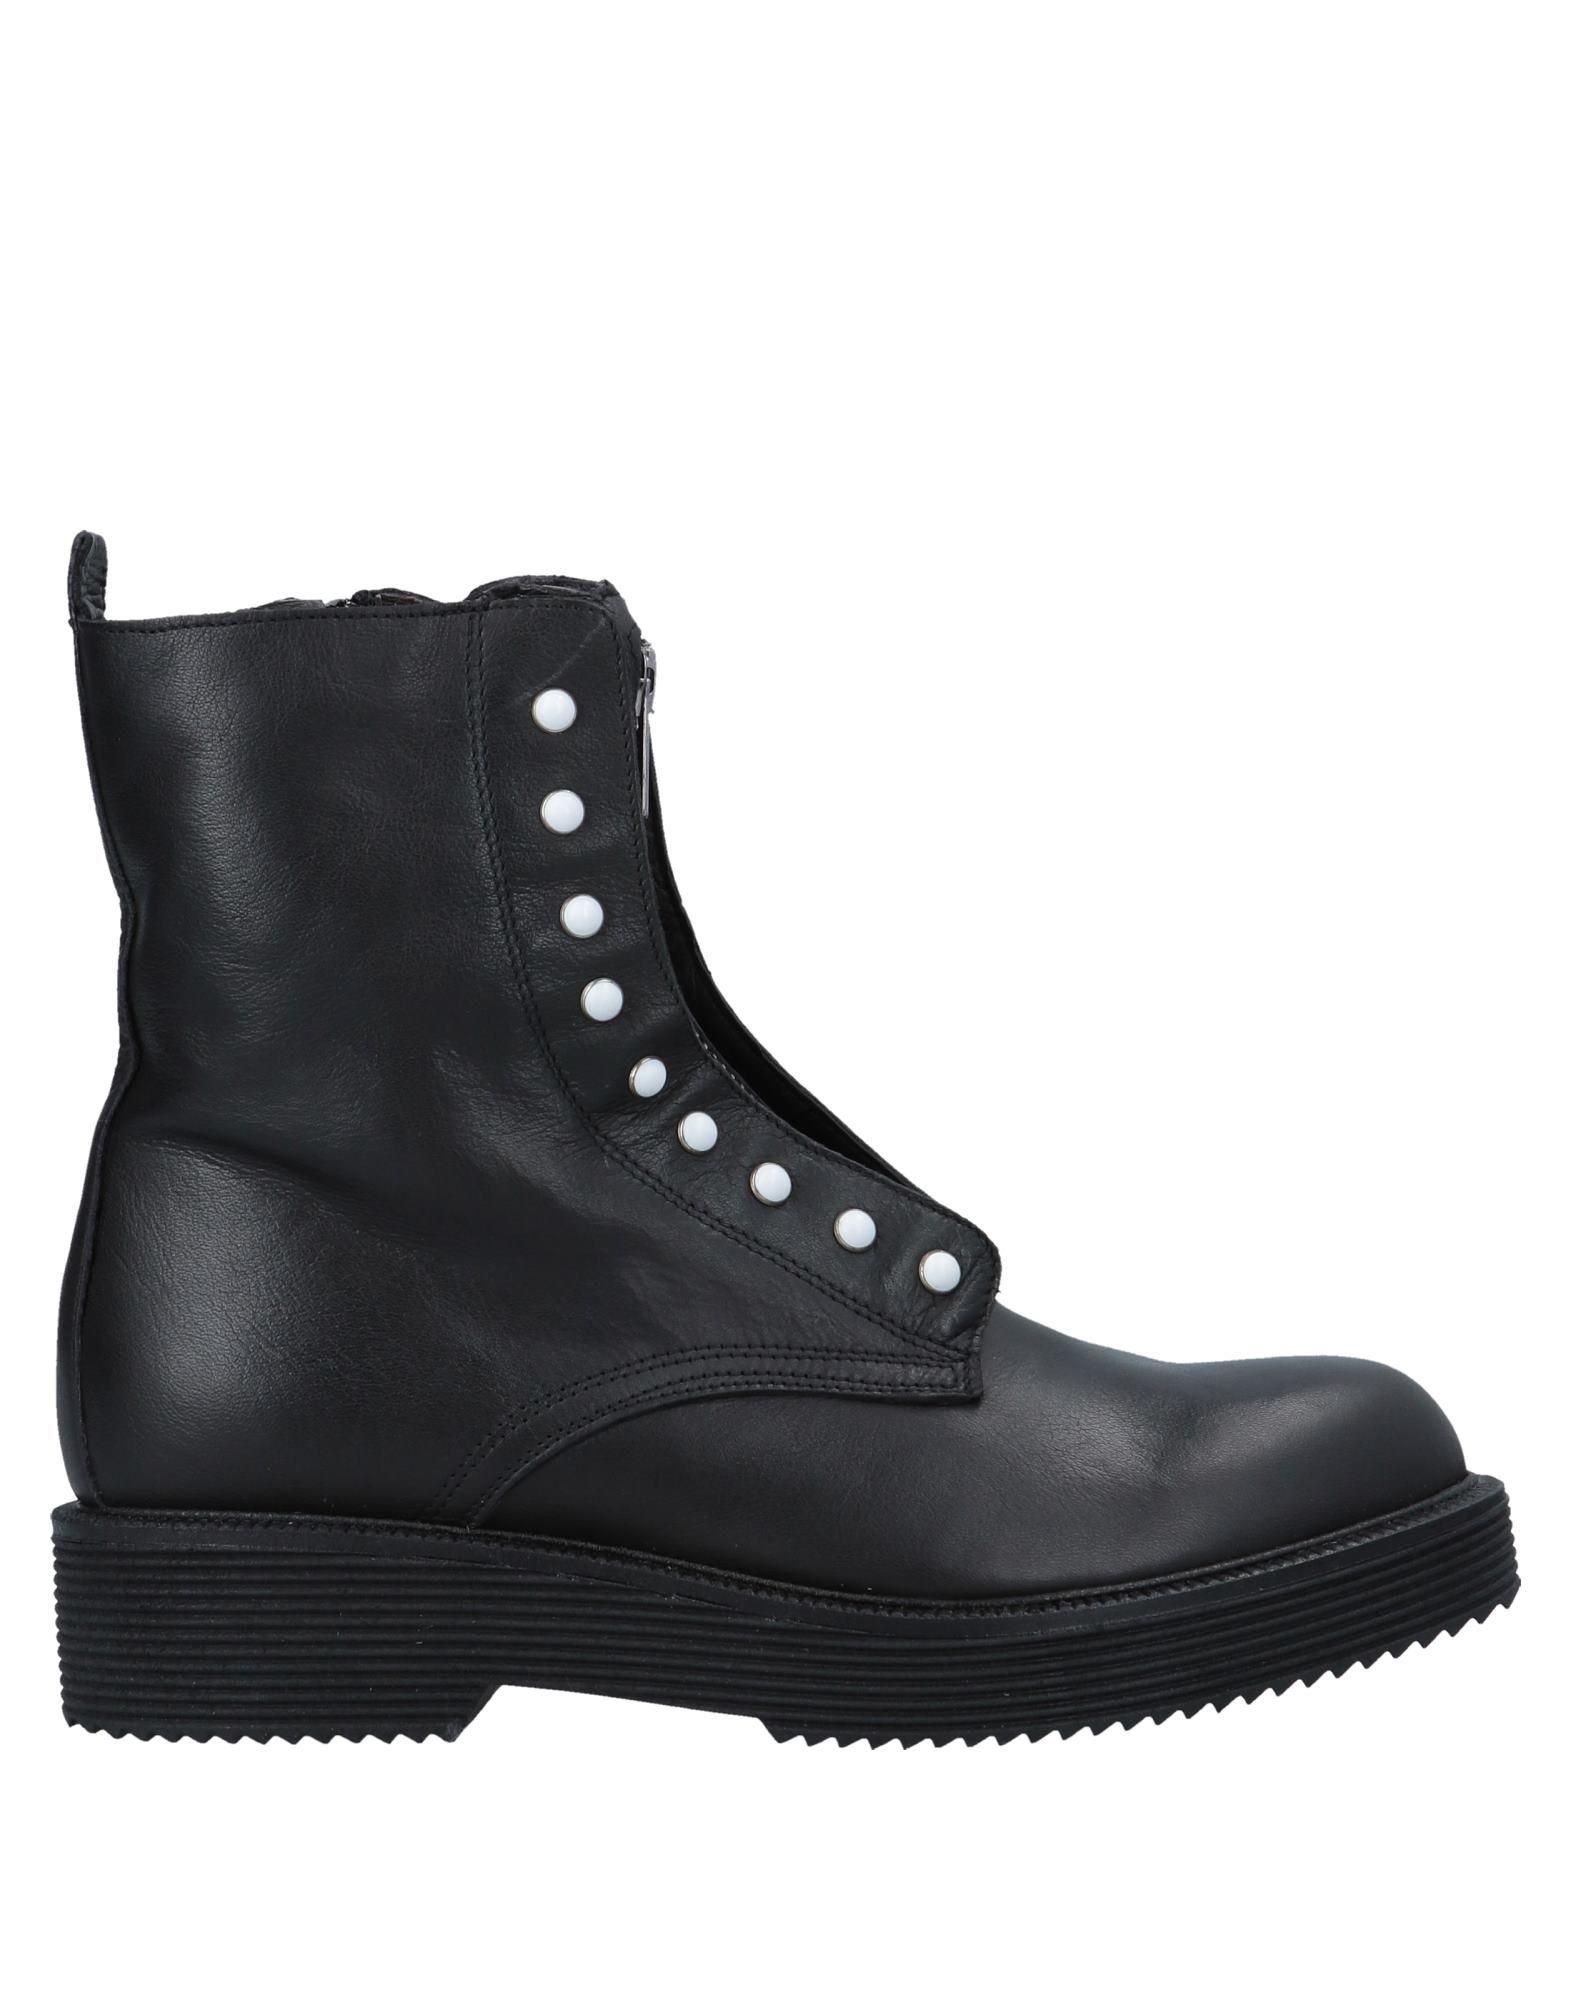 Γυναικείες Μπότες-Μποτάκια - Σελίδα 923  8daafca35b5